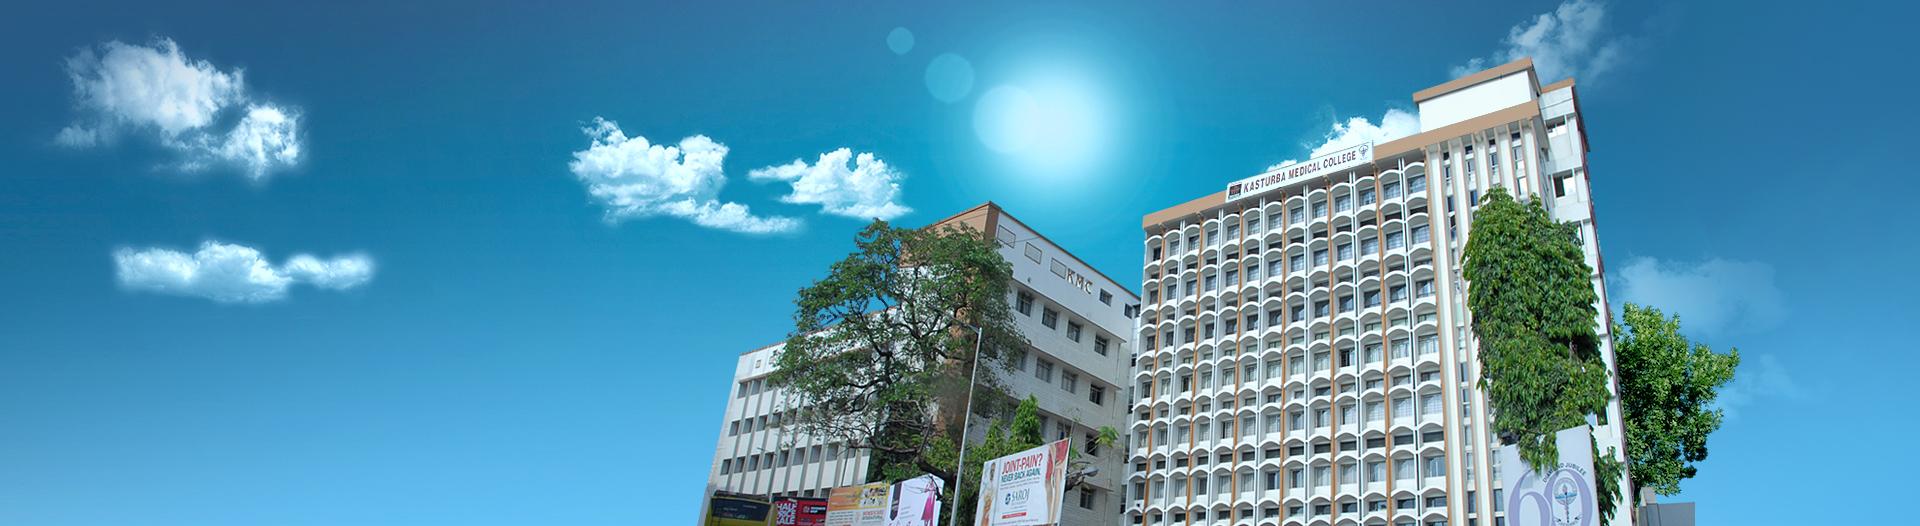 Kasturba Medical College, Mangalore Image